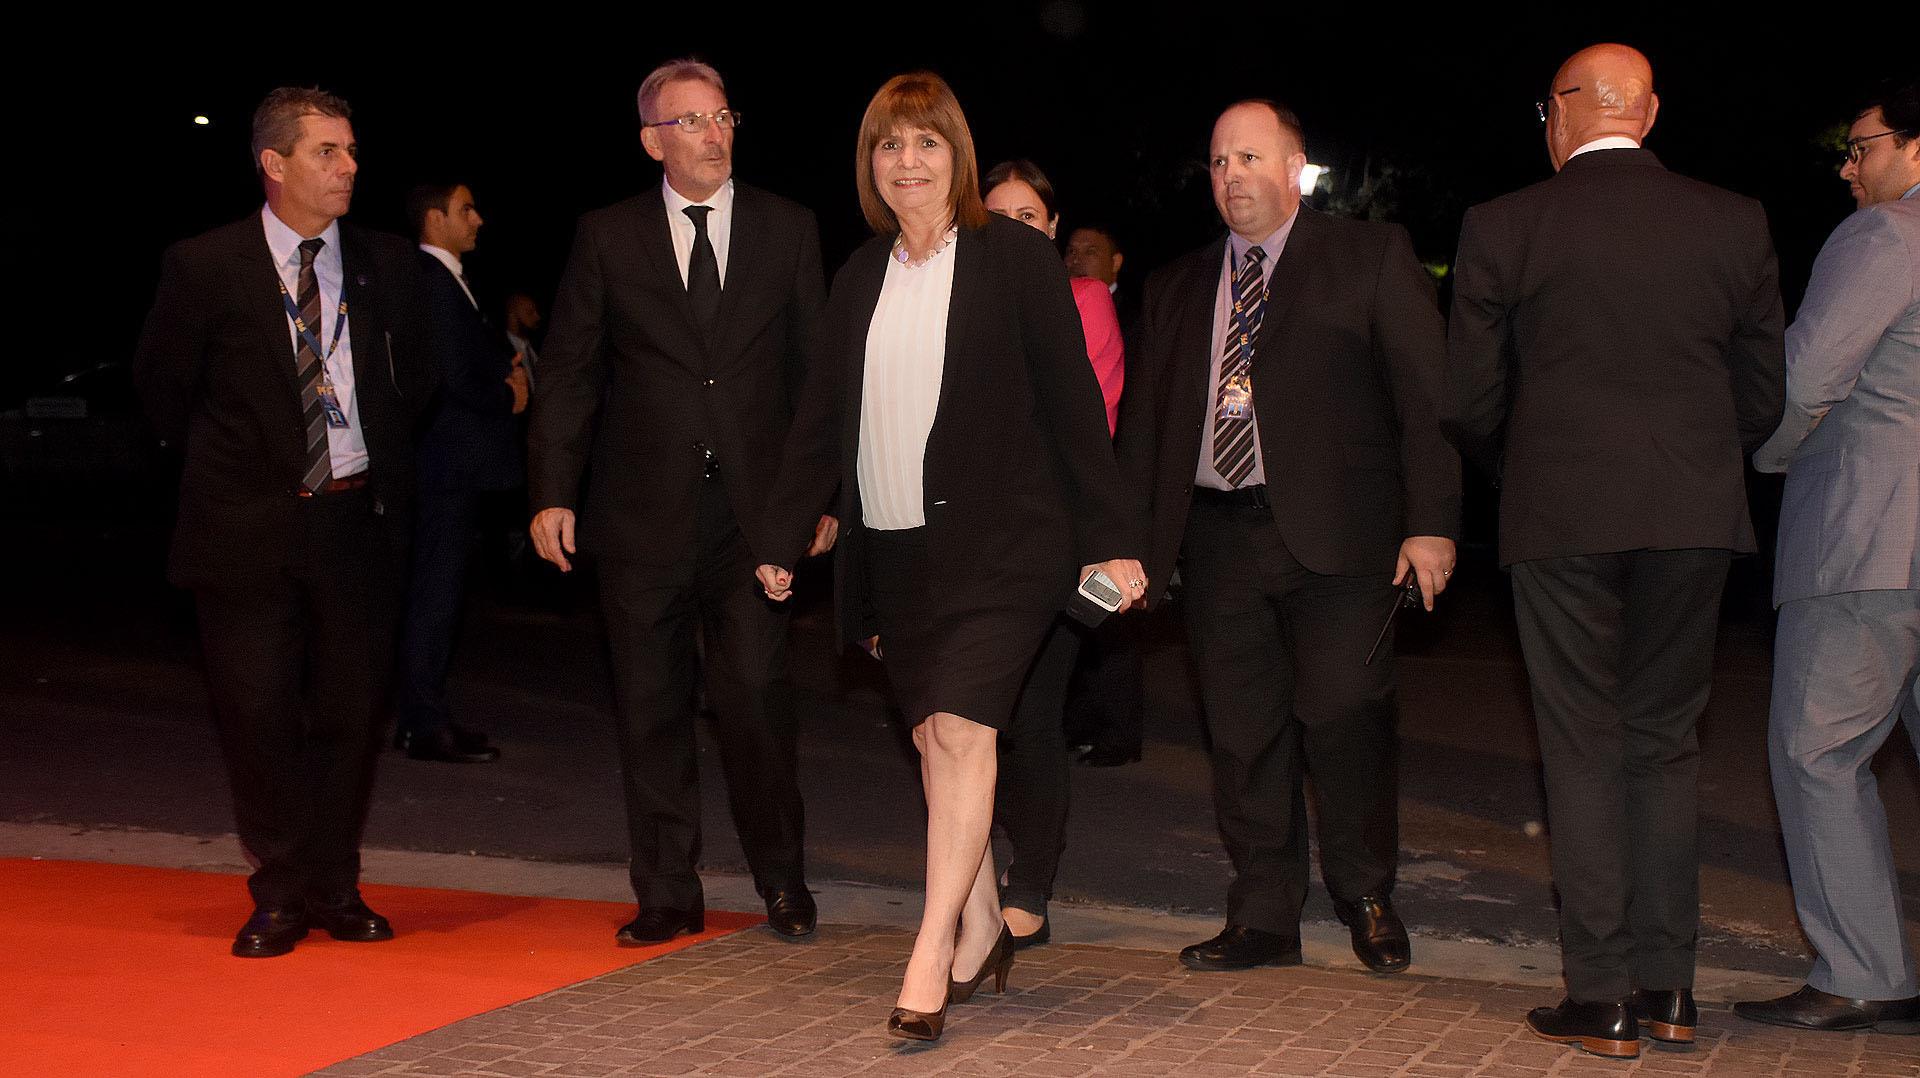 La ministra de Seguridad Patricia Bullrich (Fotos: Nicolás Stulberg)